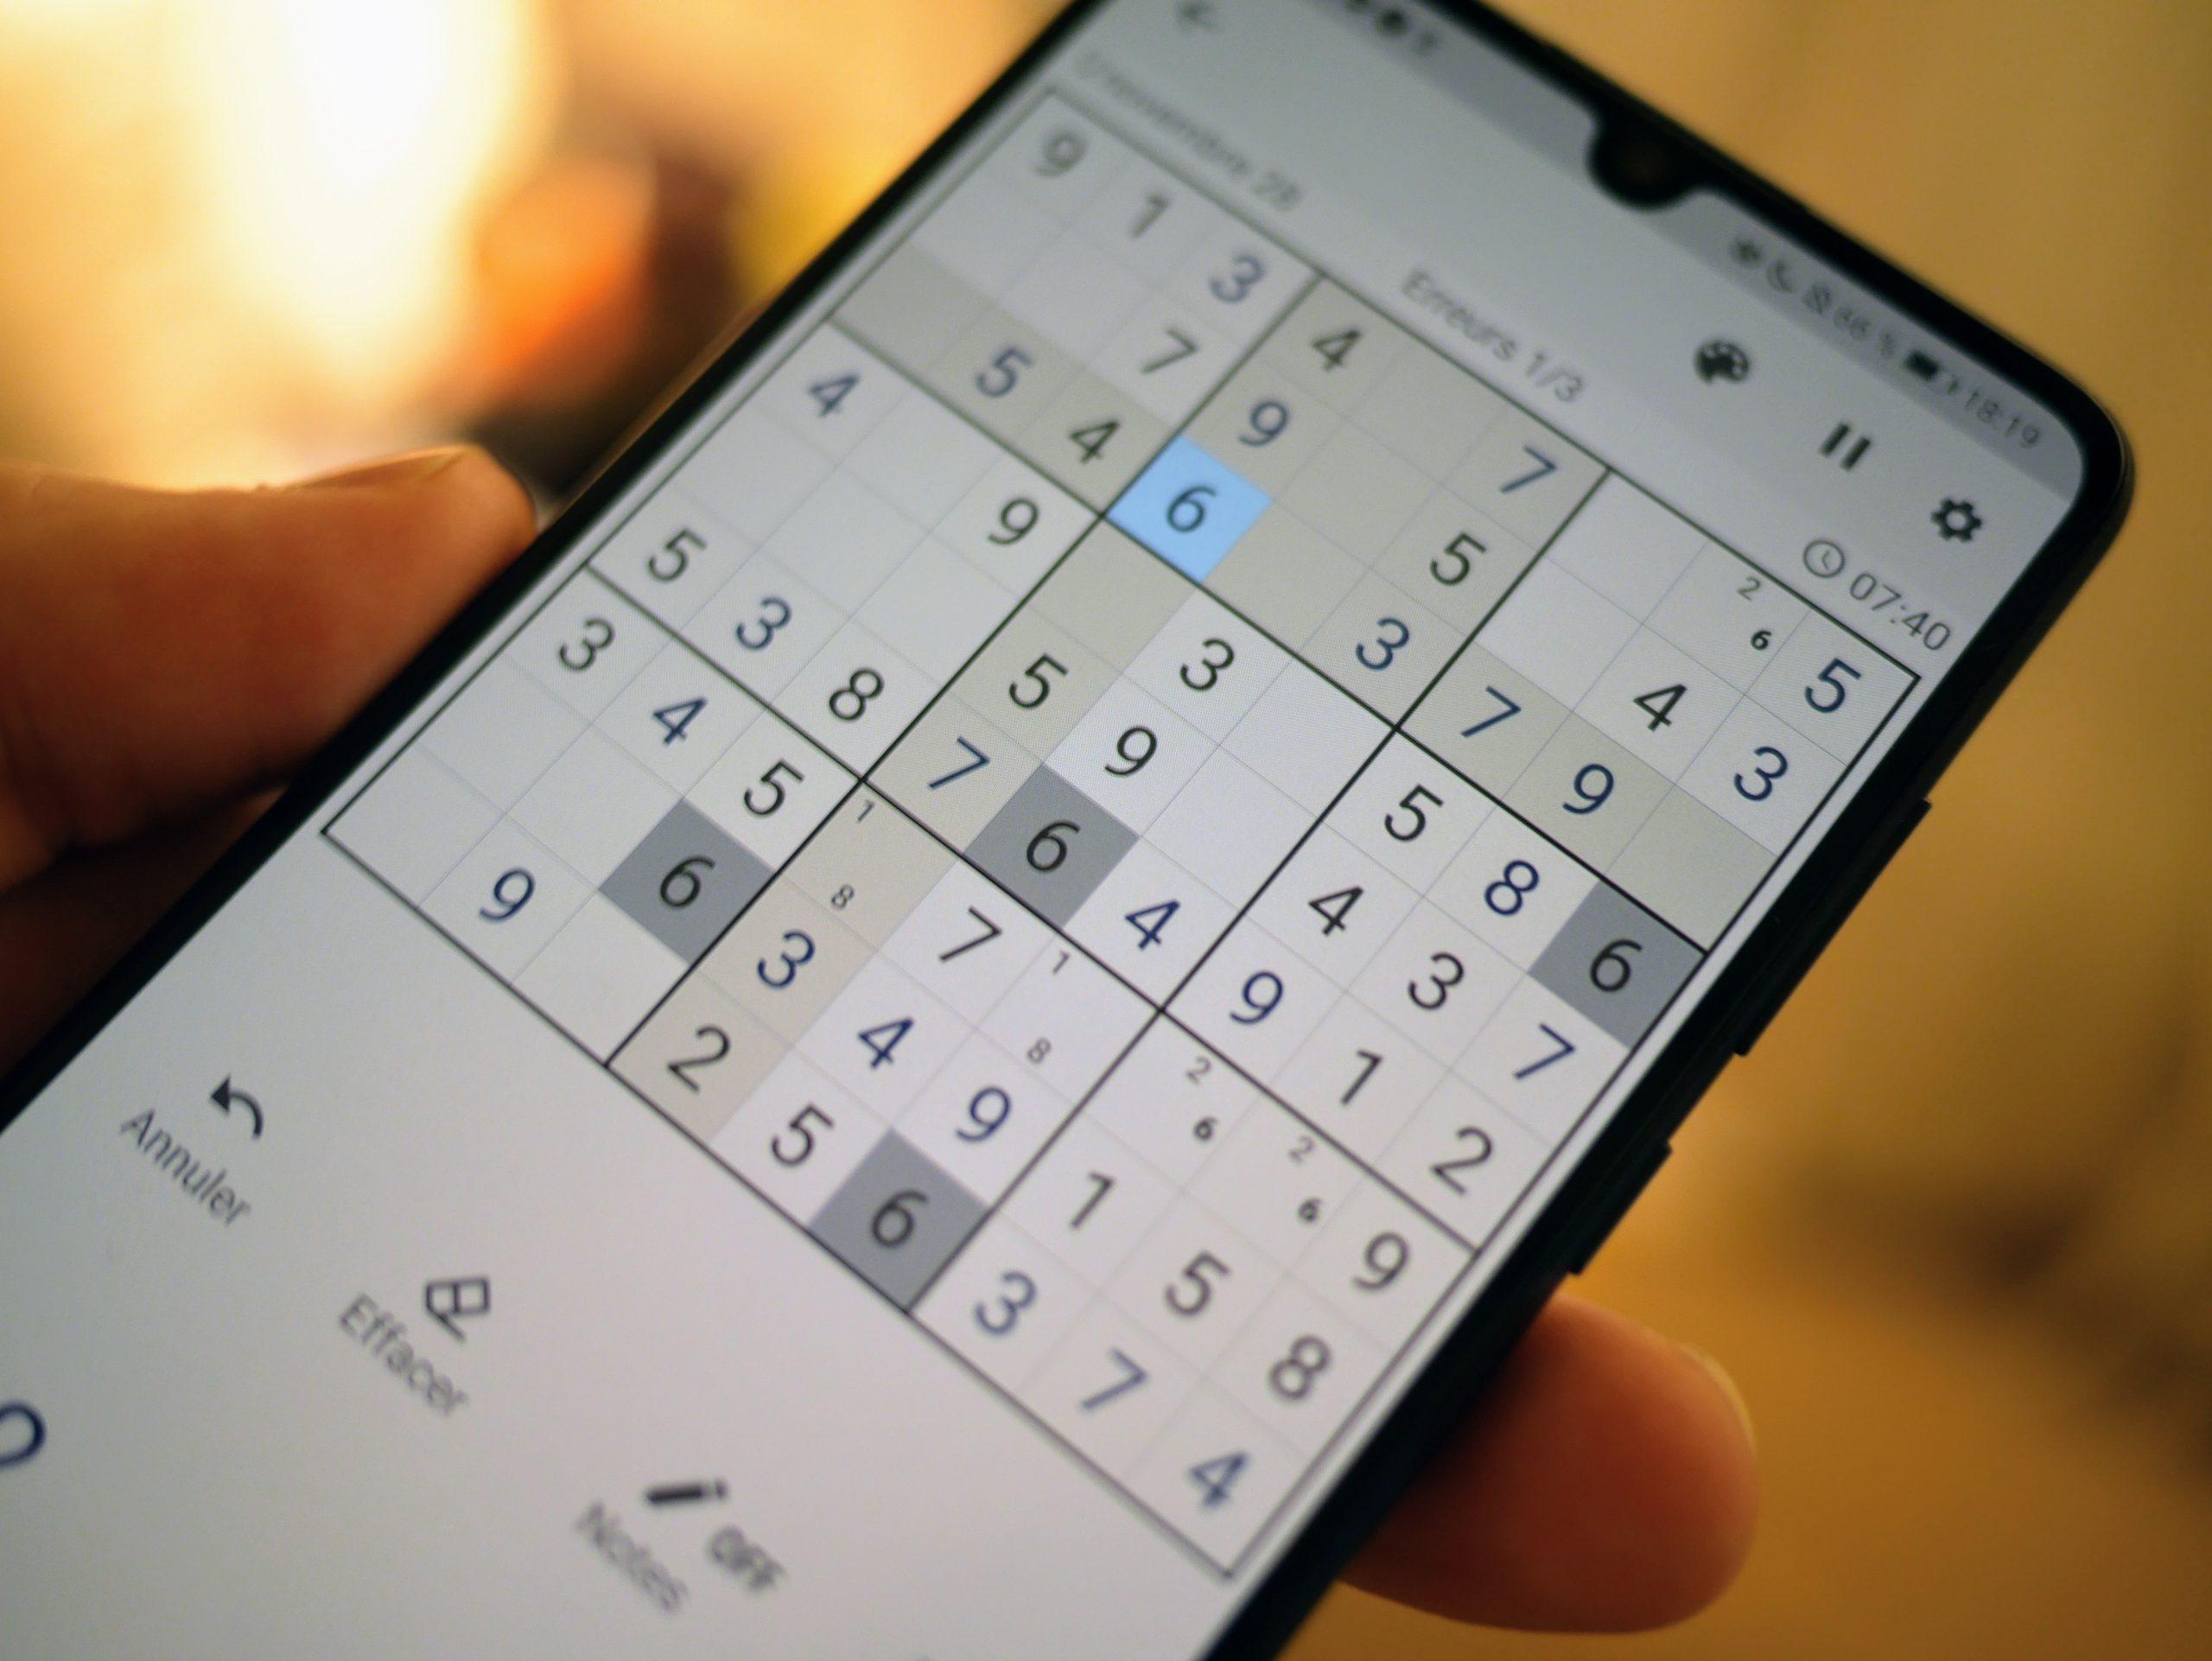 L'app De La Semaine : J'ai Retrouvé Mon Plus Grand Plaisir dedans Logiciel Sudoku Gratuit